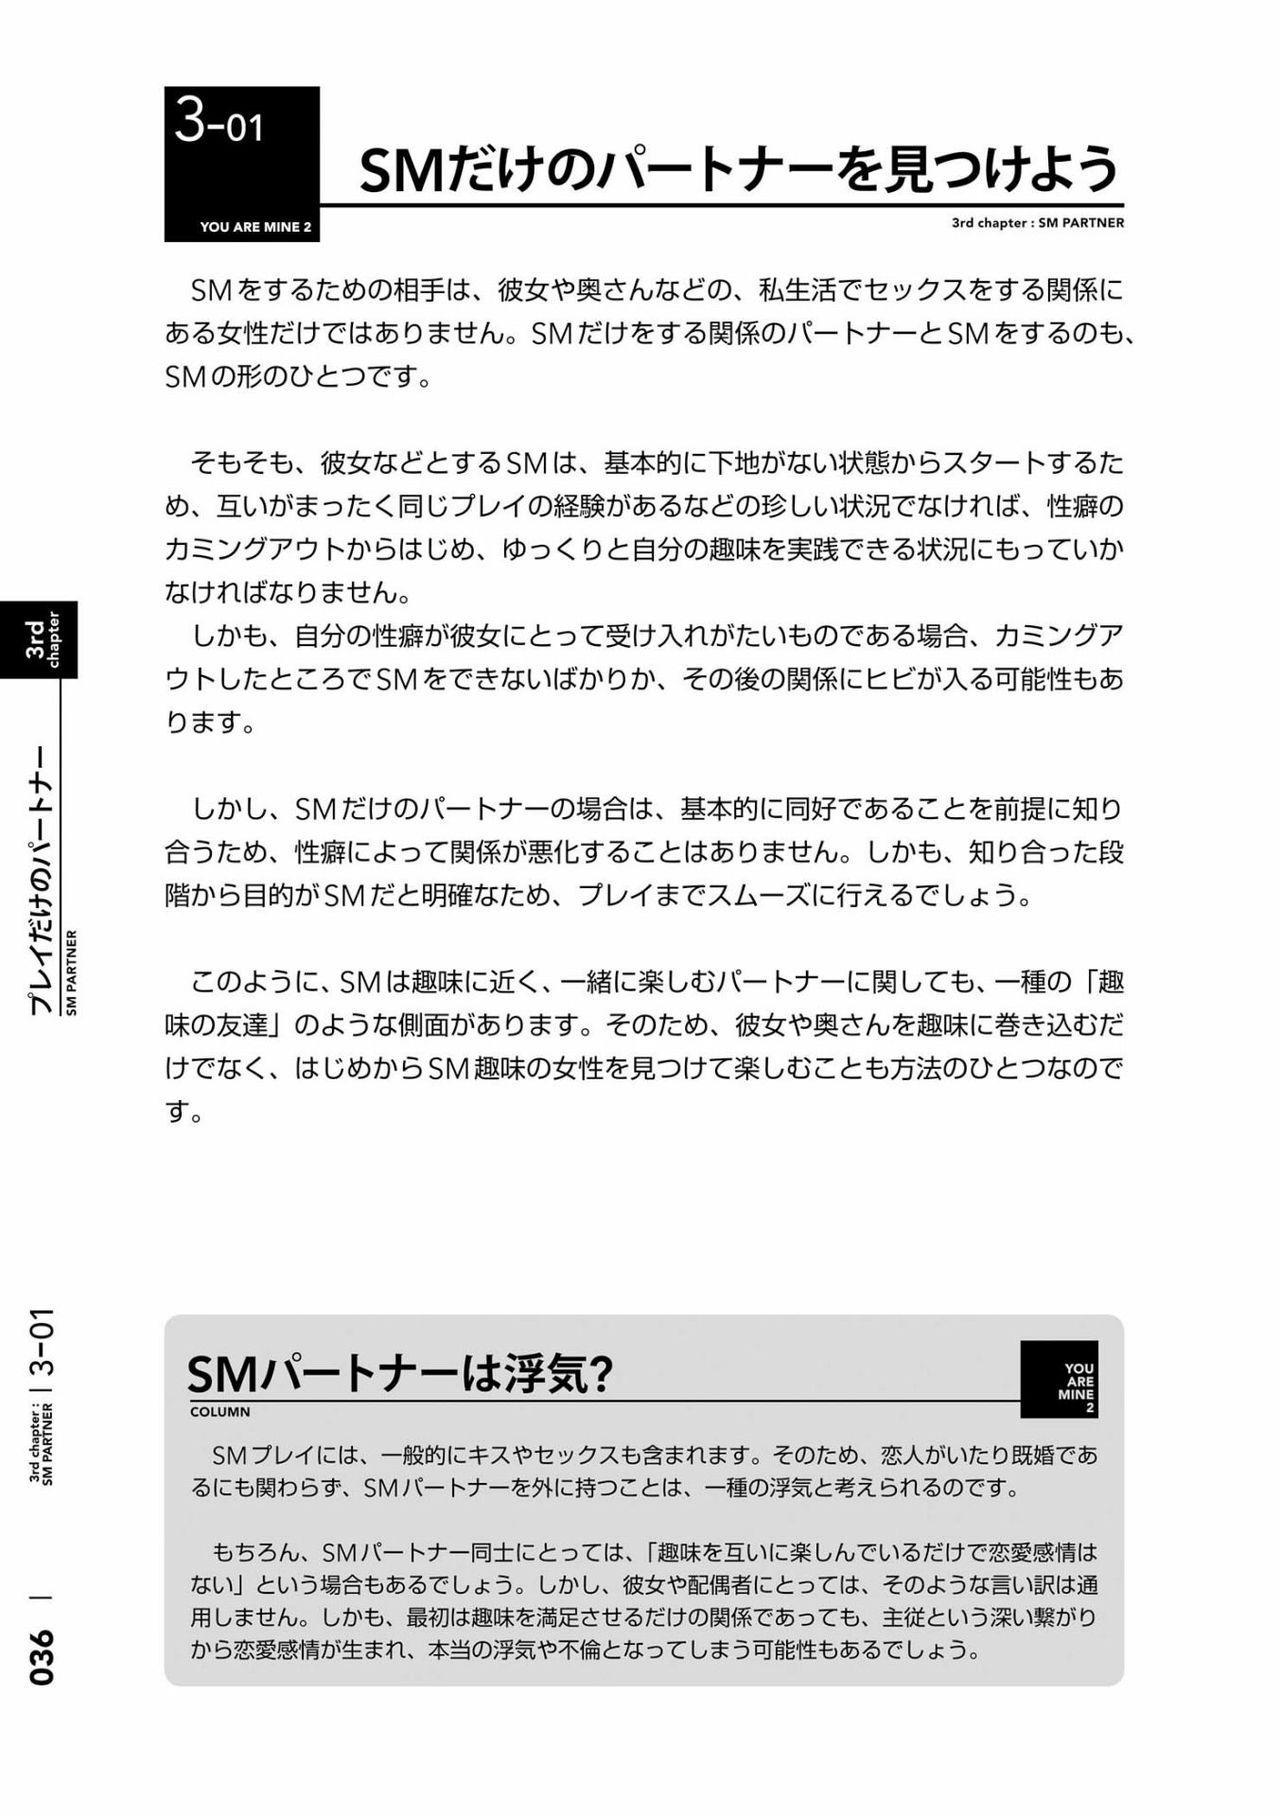 [Mitsuba] Karada mo Kokoro mo Boku no Mono ~Hajimete no SM Guide~ 2 [Digital] 38